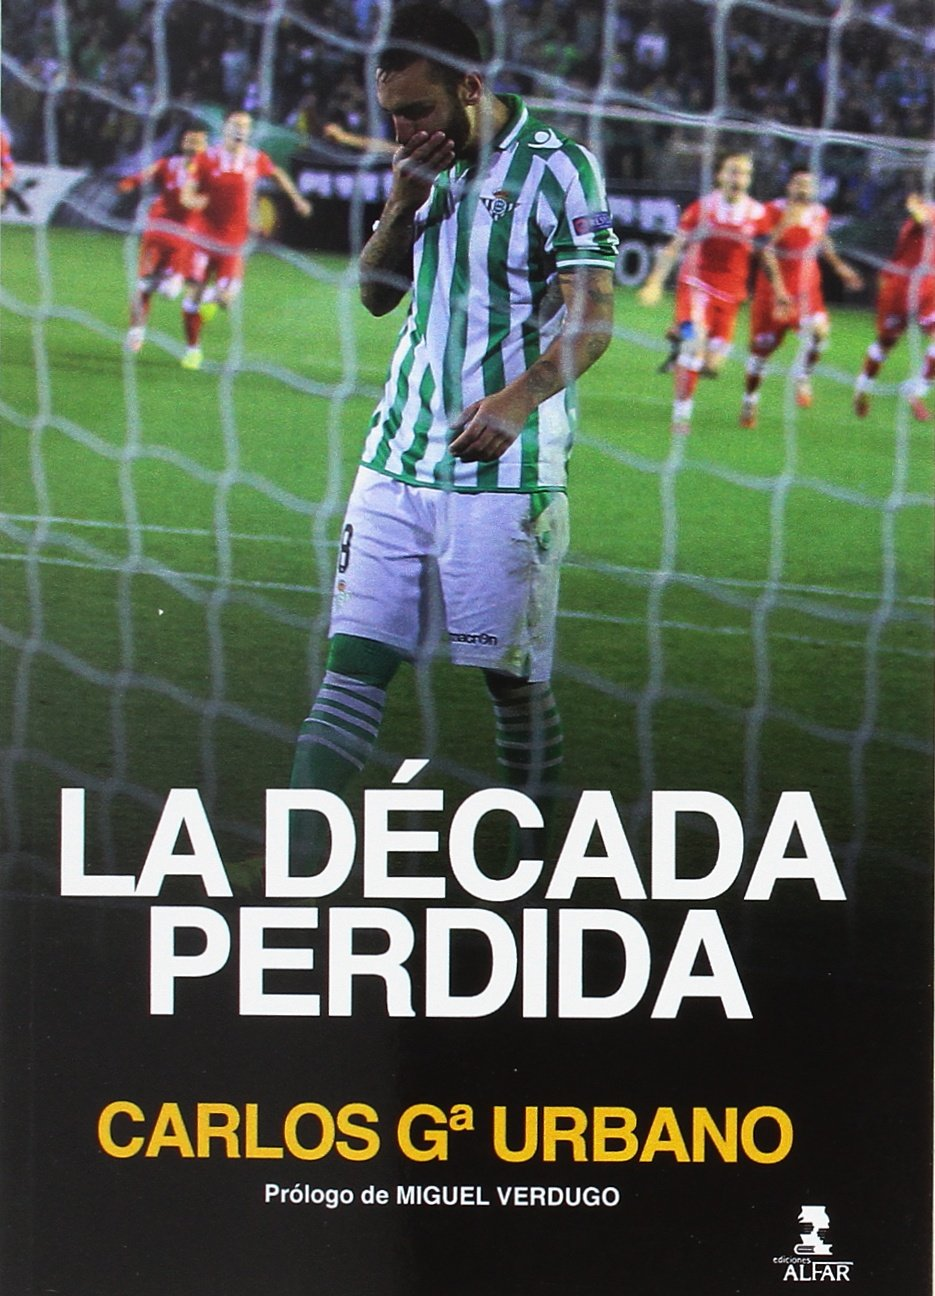 Década perdida,La (Deportes): Amazon.es: Carlos García Urbano: Libros